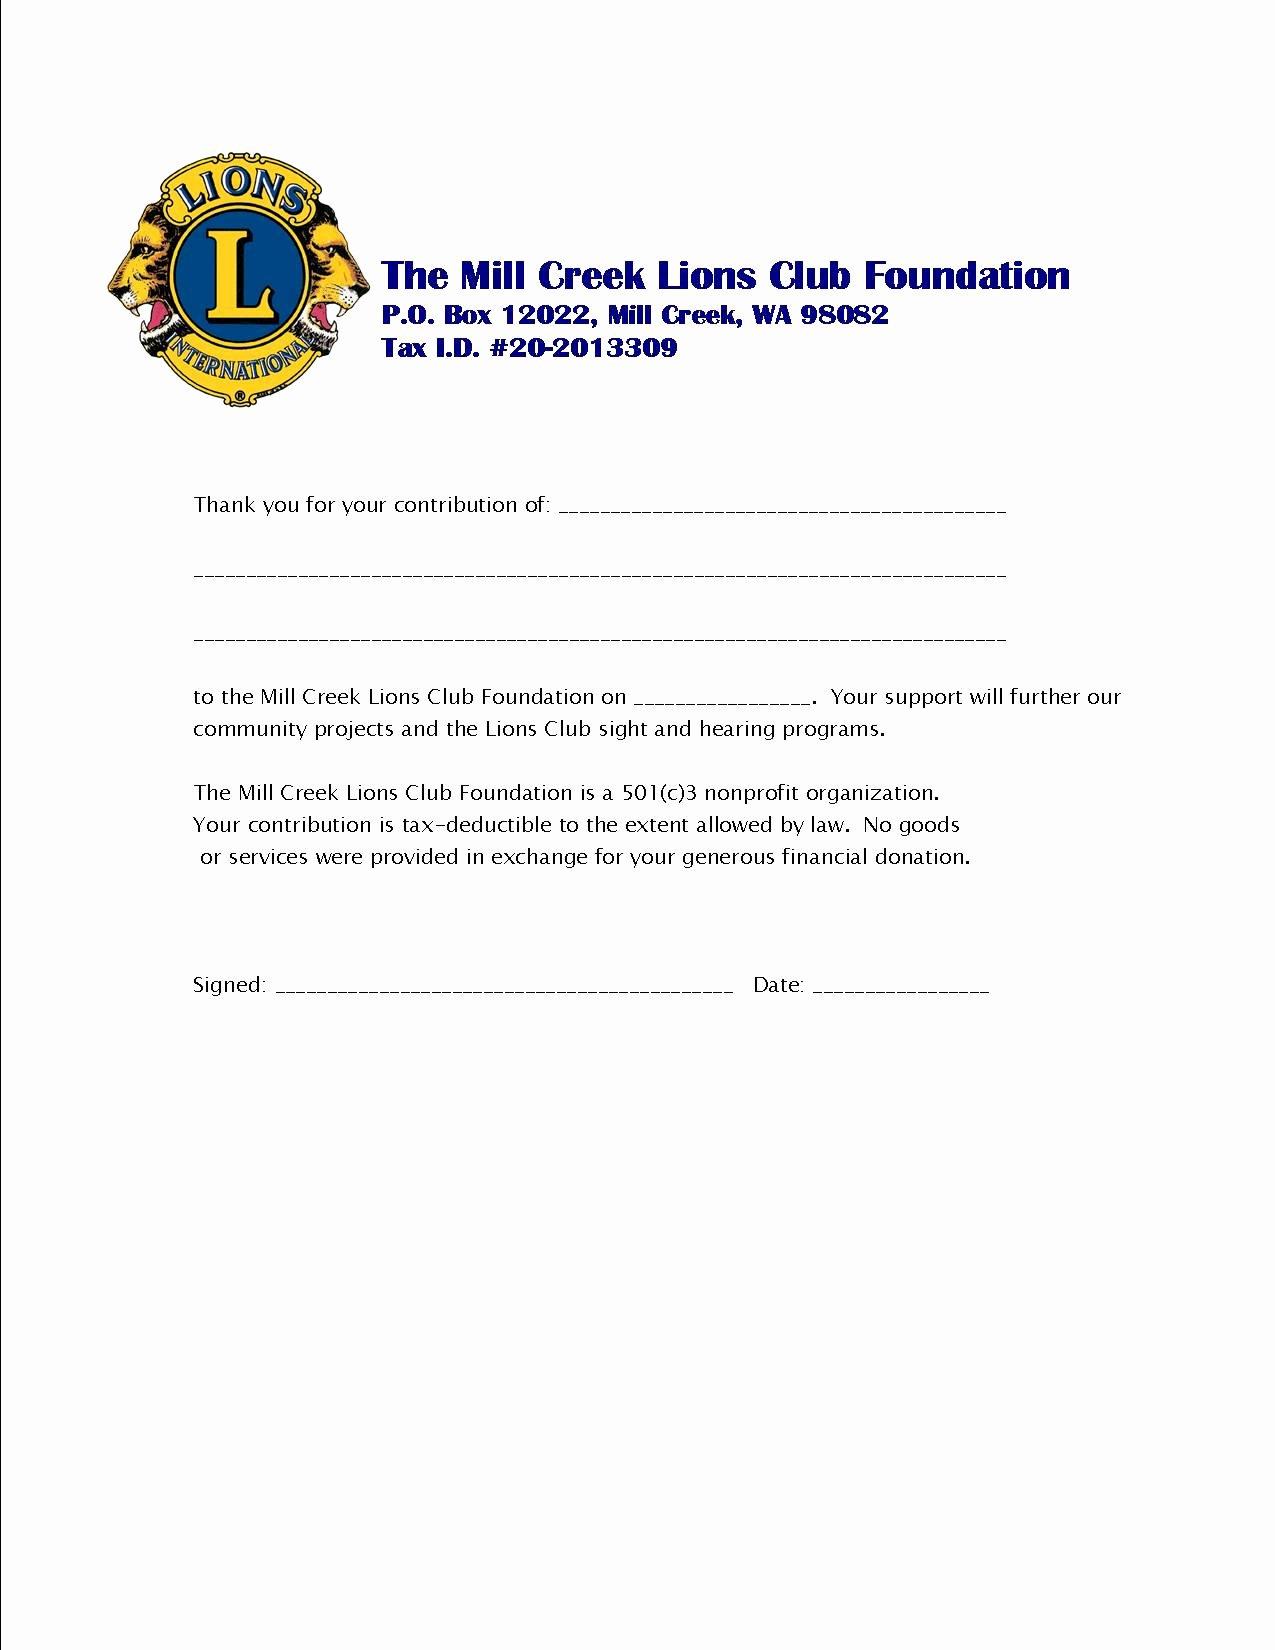 Donation Receipt Letter Template Lovely 9 Best Of Church Donation Receipt Template Sample